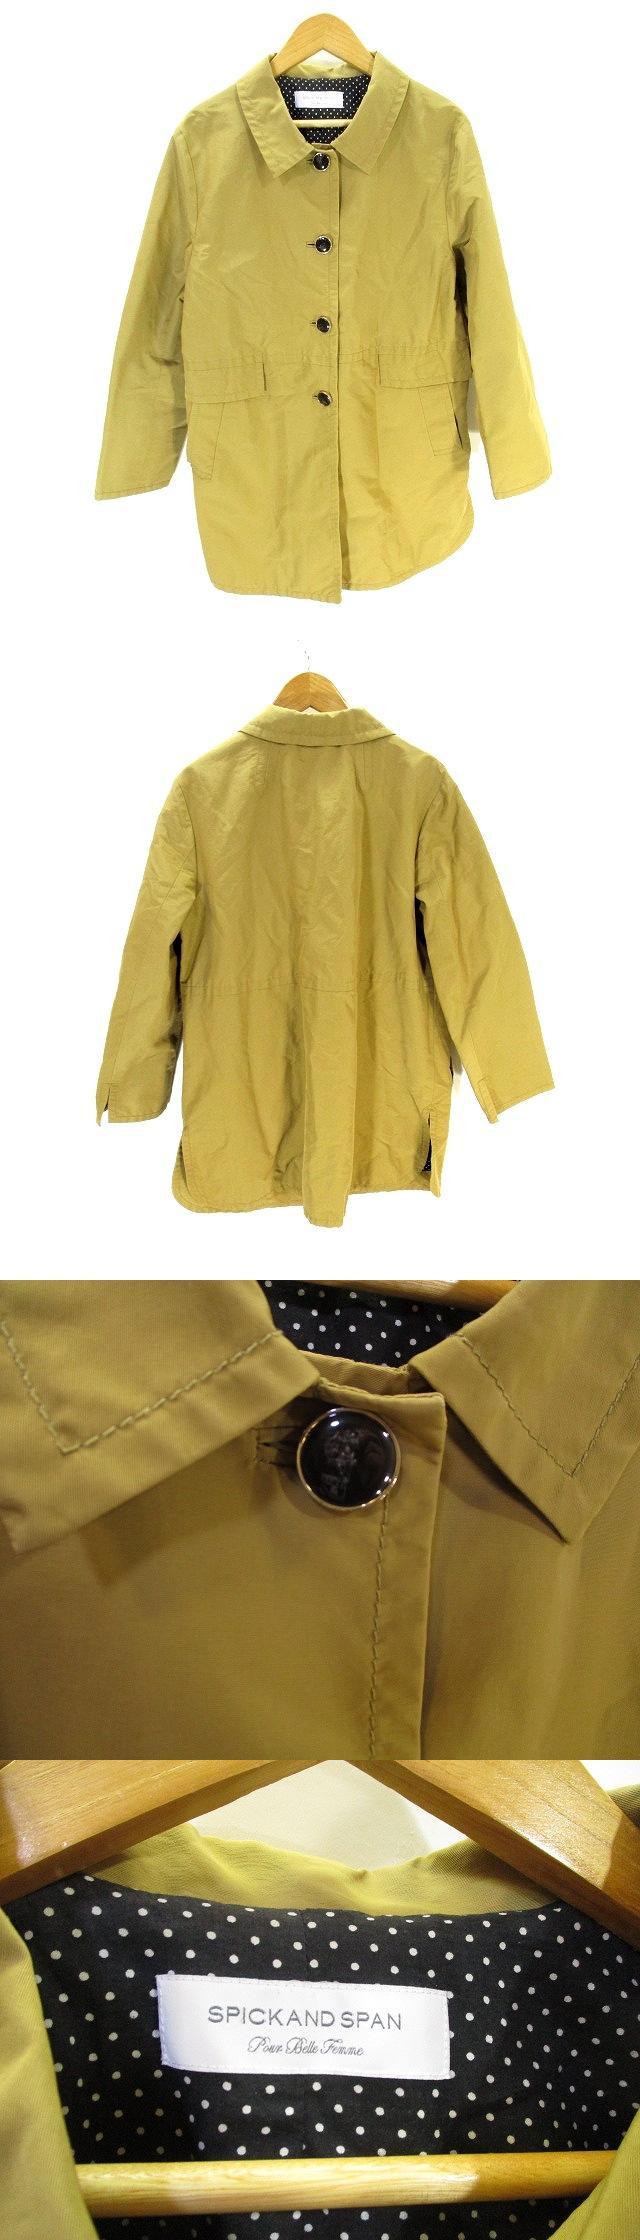 ステンカラー コート ジャケット ベージュ系  38